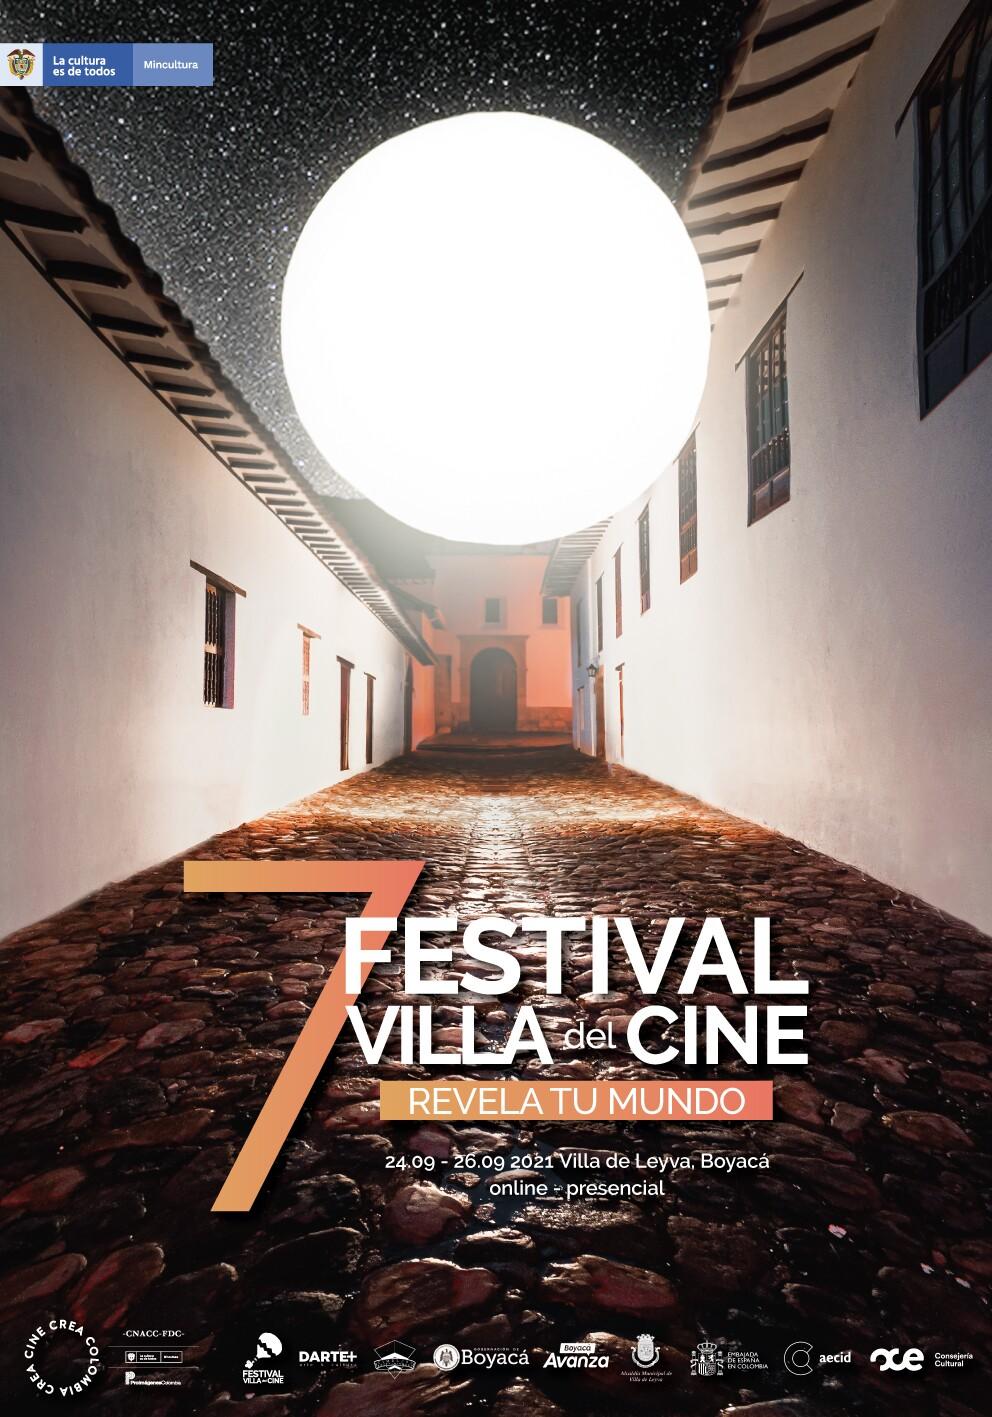 Festival Villa del Cine